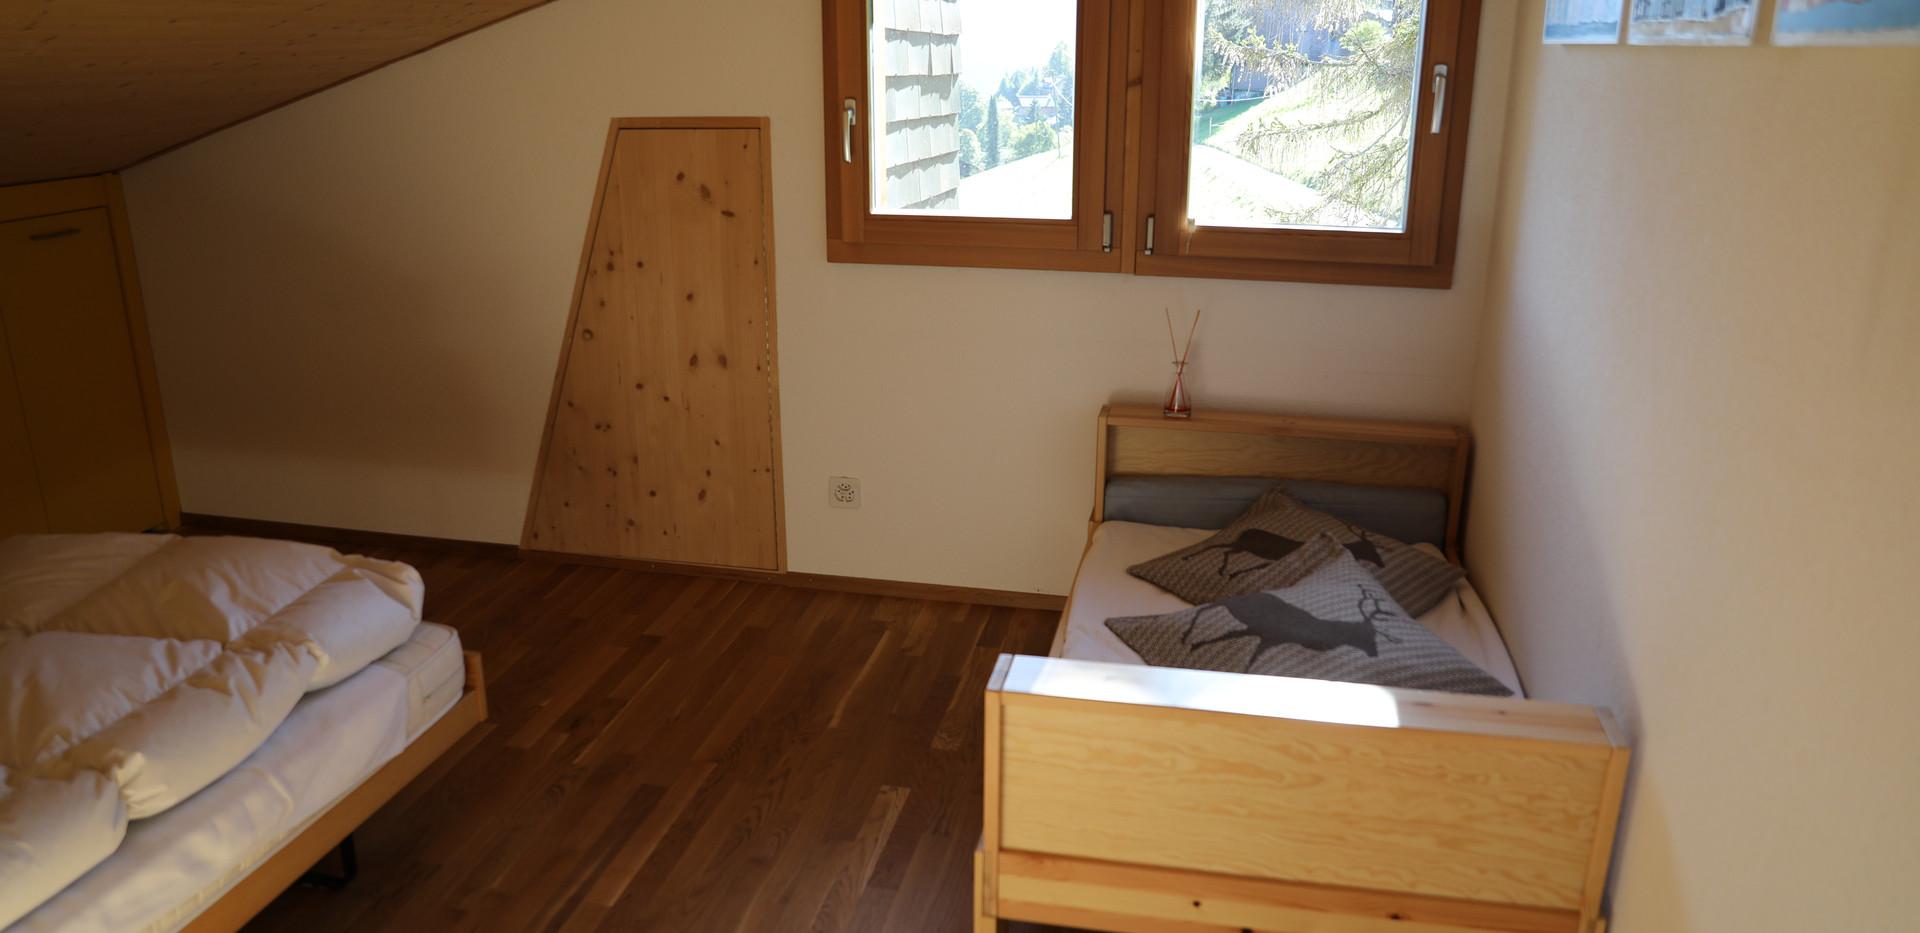 2er Zimmer 11m2